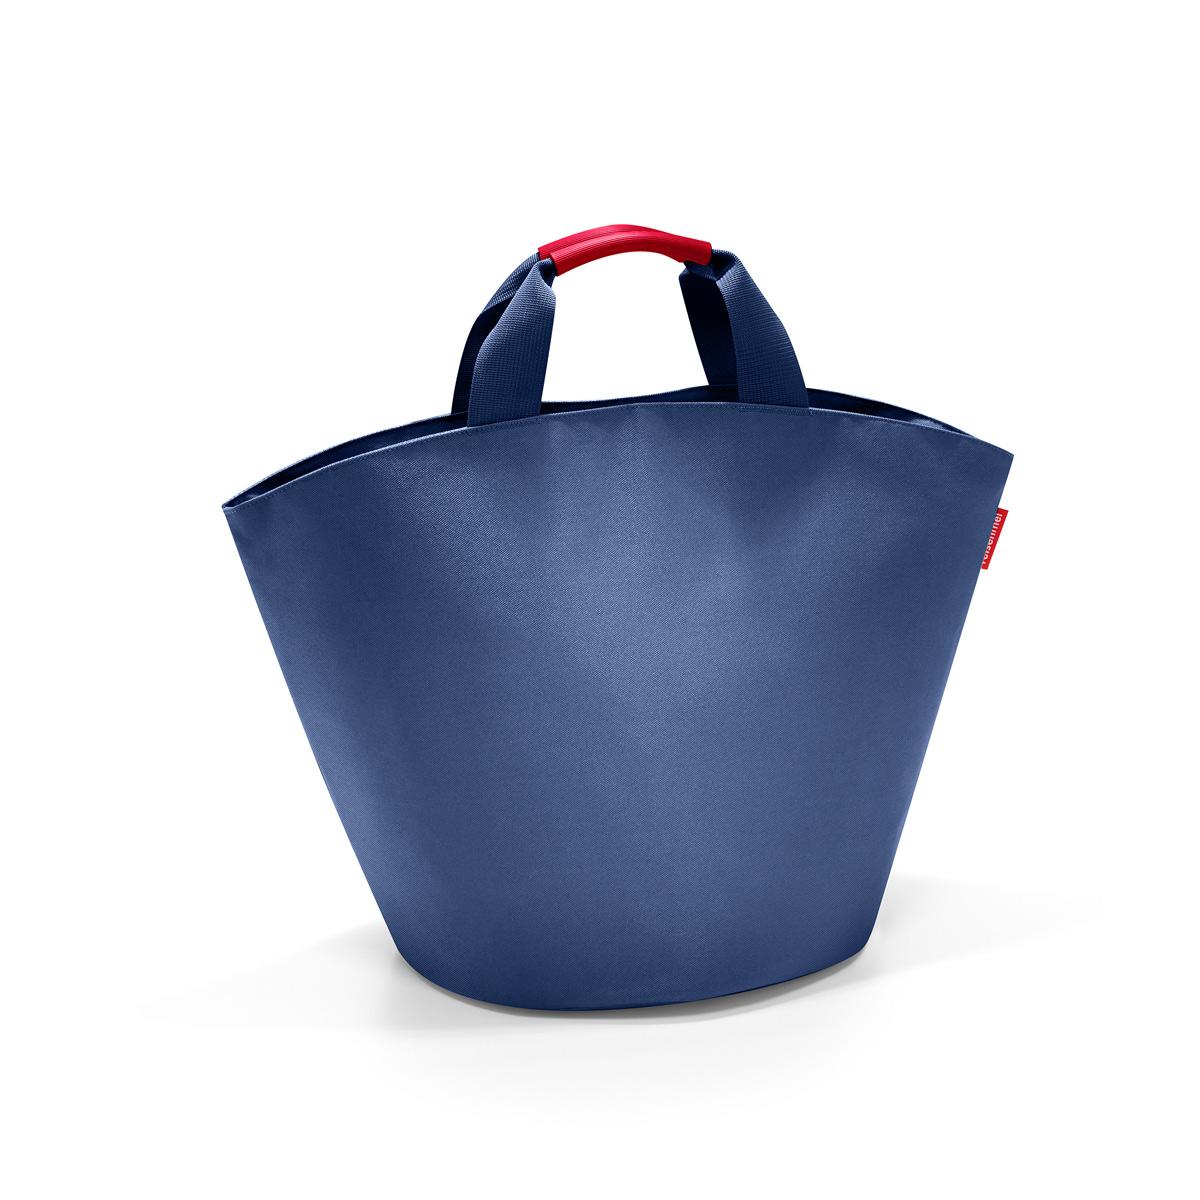 Сумка-шоппер женская Reisenthel, цвет: синий. BM4005S76245Дизайн сумки ibizashopper берет начало от классической пляжной сумки Ibiza. Солидный однотонный цвет сумки подойдет к любому наряду, а ее вместительность позволить взять с собой все необходимое. Благодаря стильной форме в виде трапеции ibizashopper всегда очень устойчива и может быть использована дома как корзина для хранения.